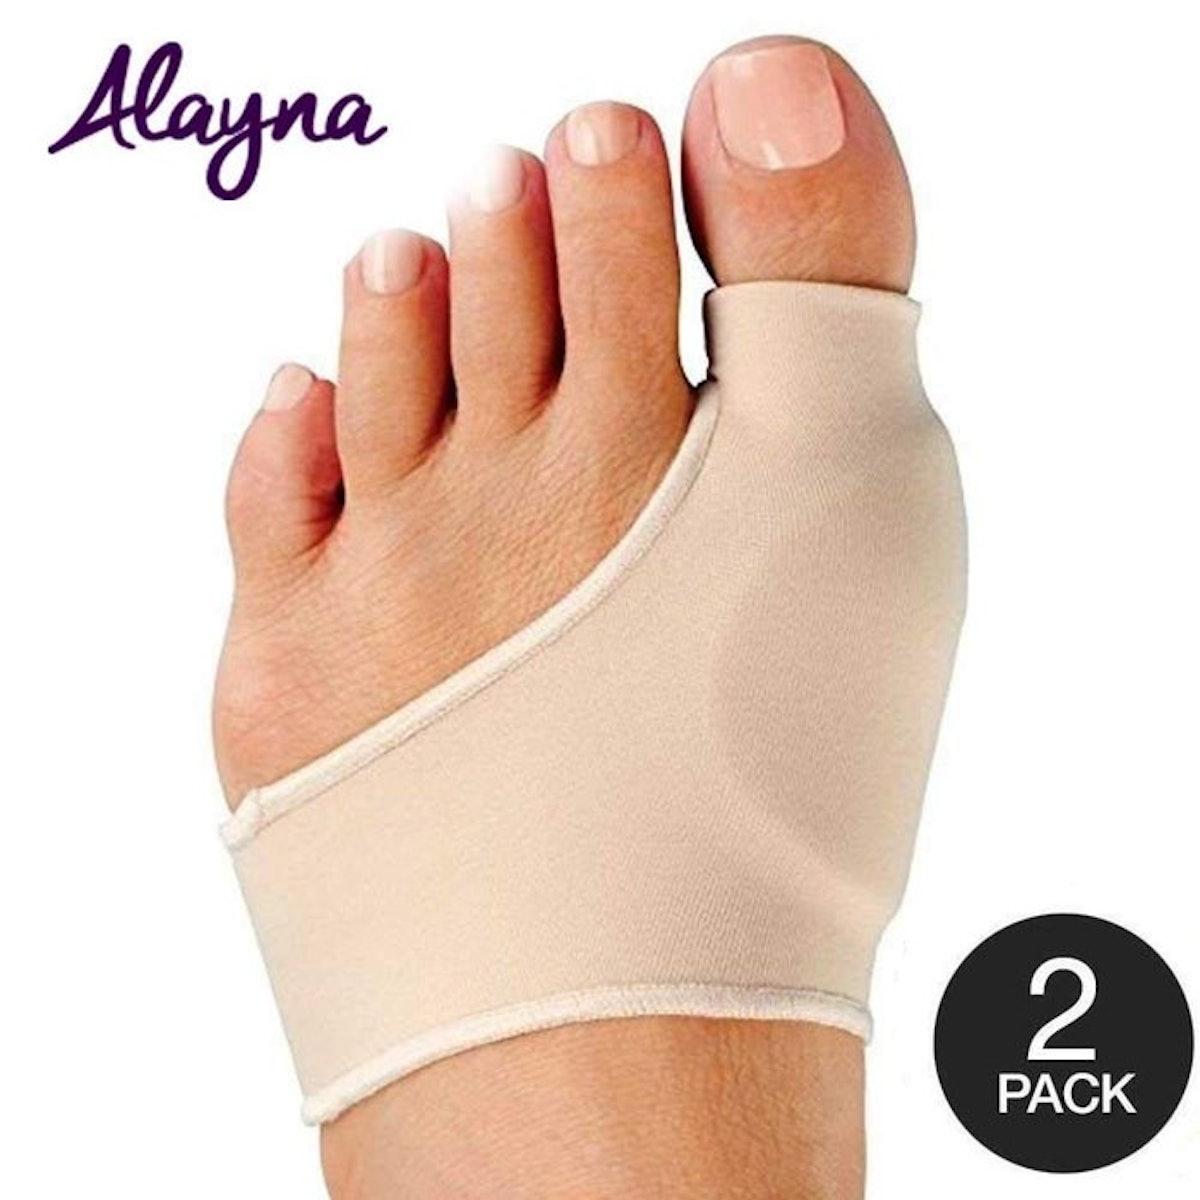 Alayna Bunion Corrector Sleeve (2 Pack)